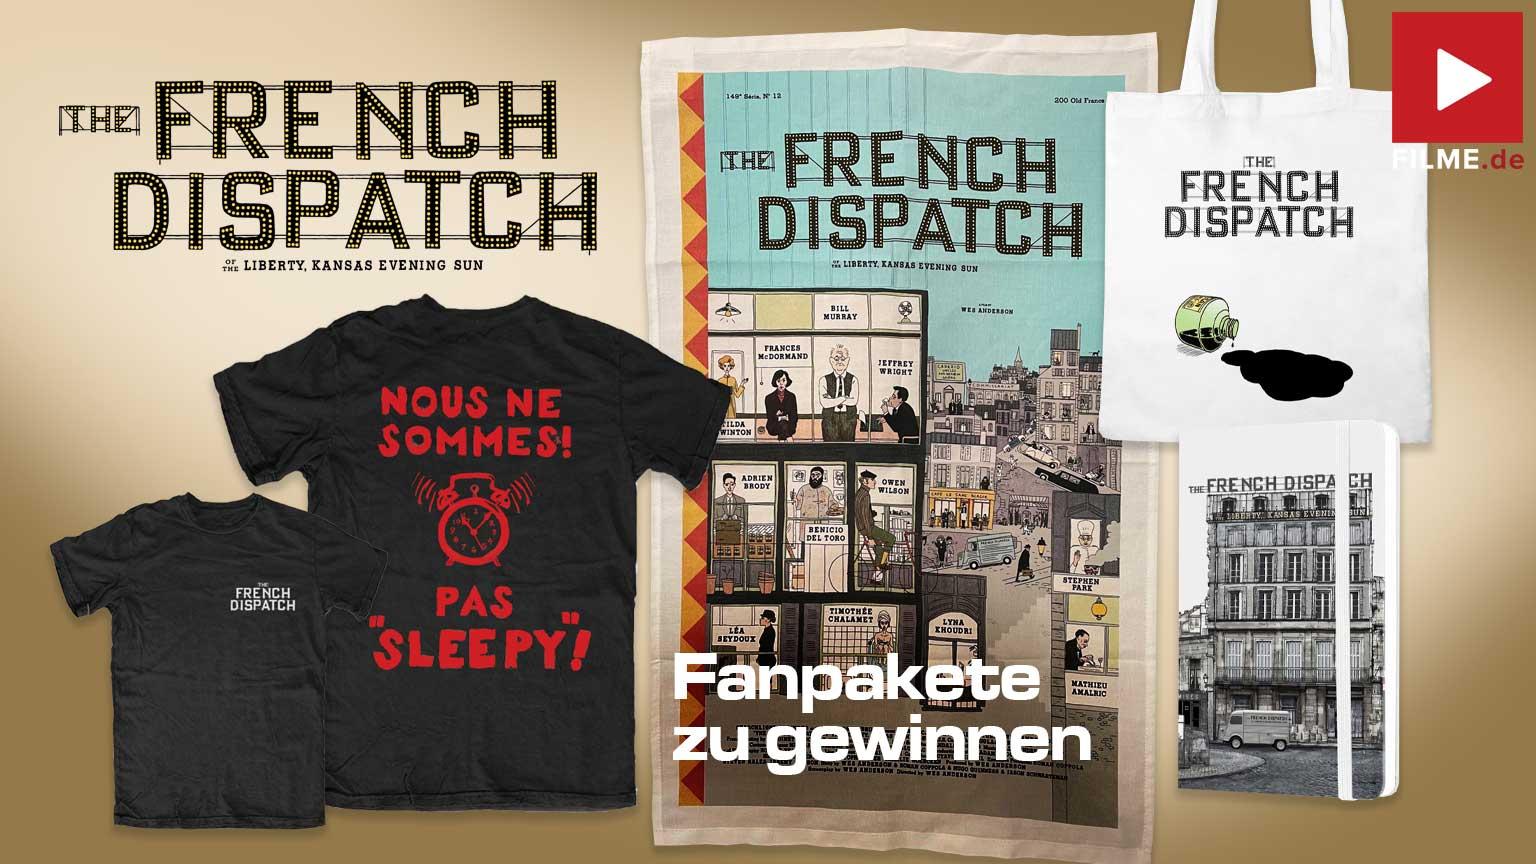 THE FRENCH DISPATCH Film 2021 Kinostart Gewinnspiel gewinnen Tshirt Beutel notizbuch geschirrtuch artikelbild